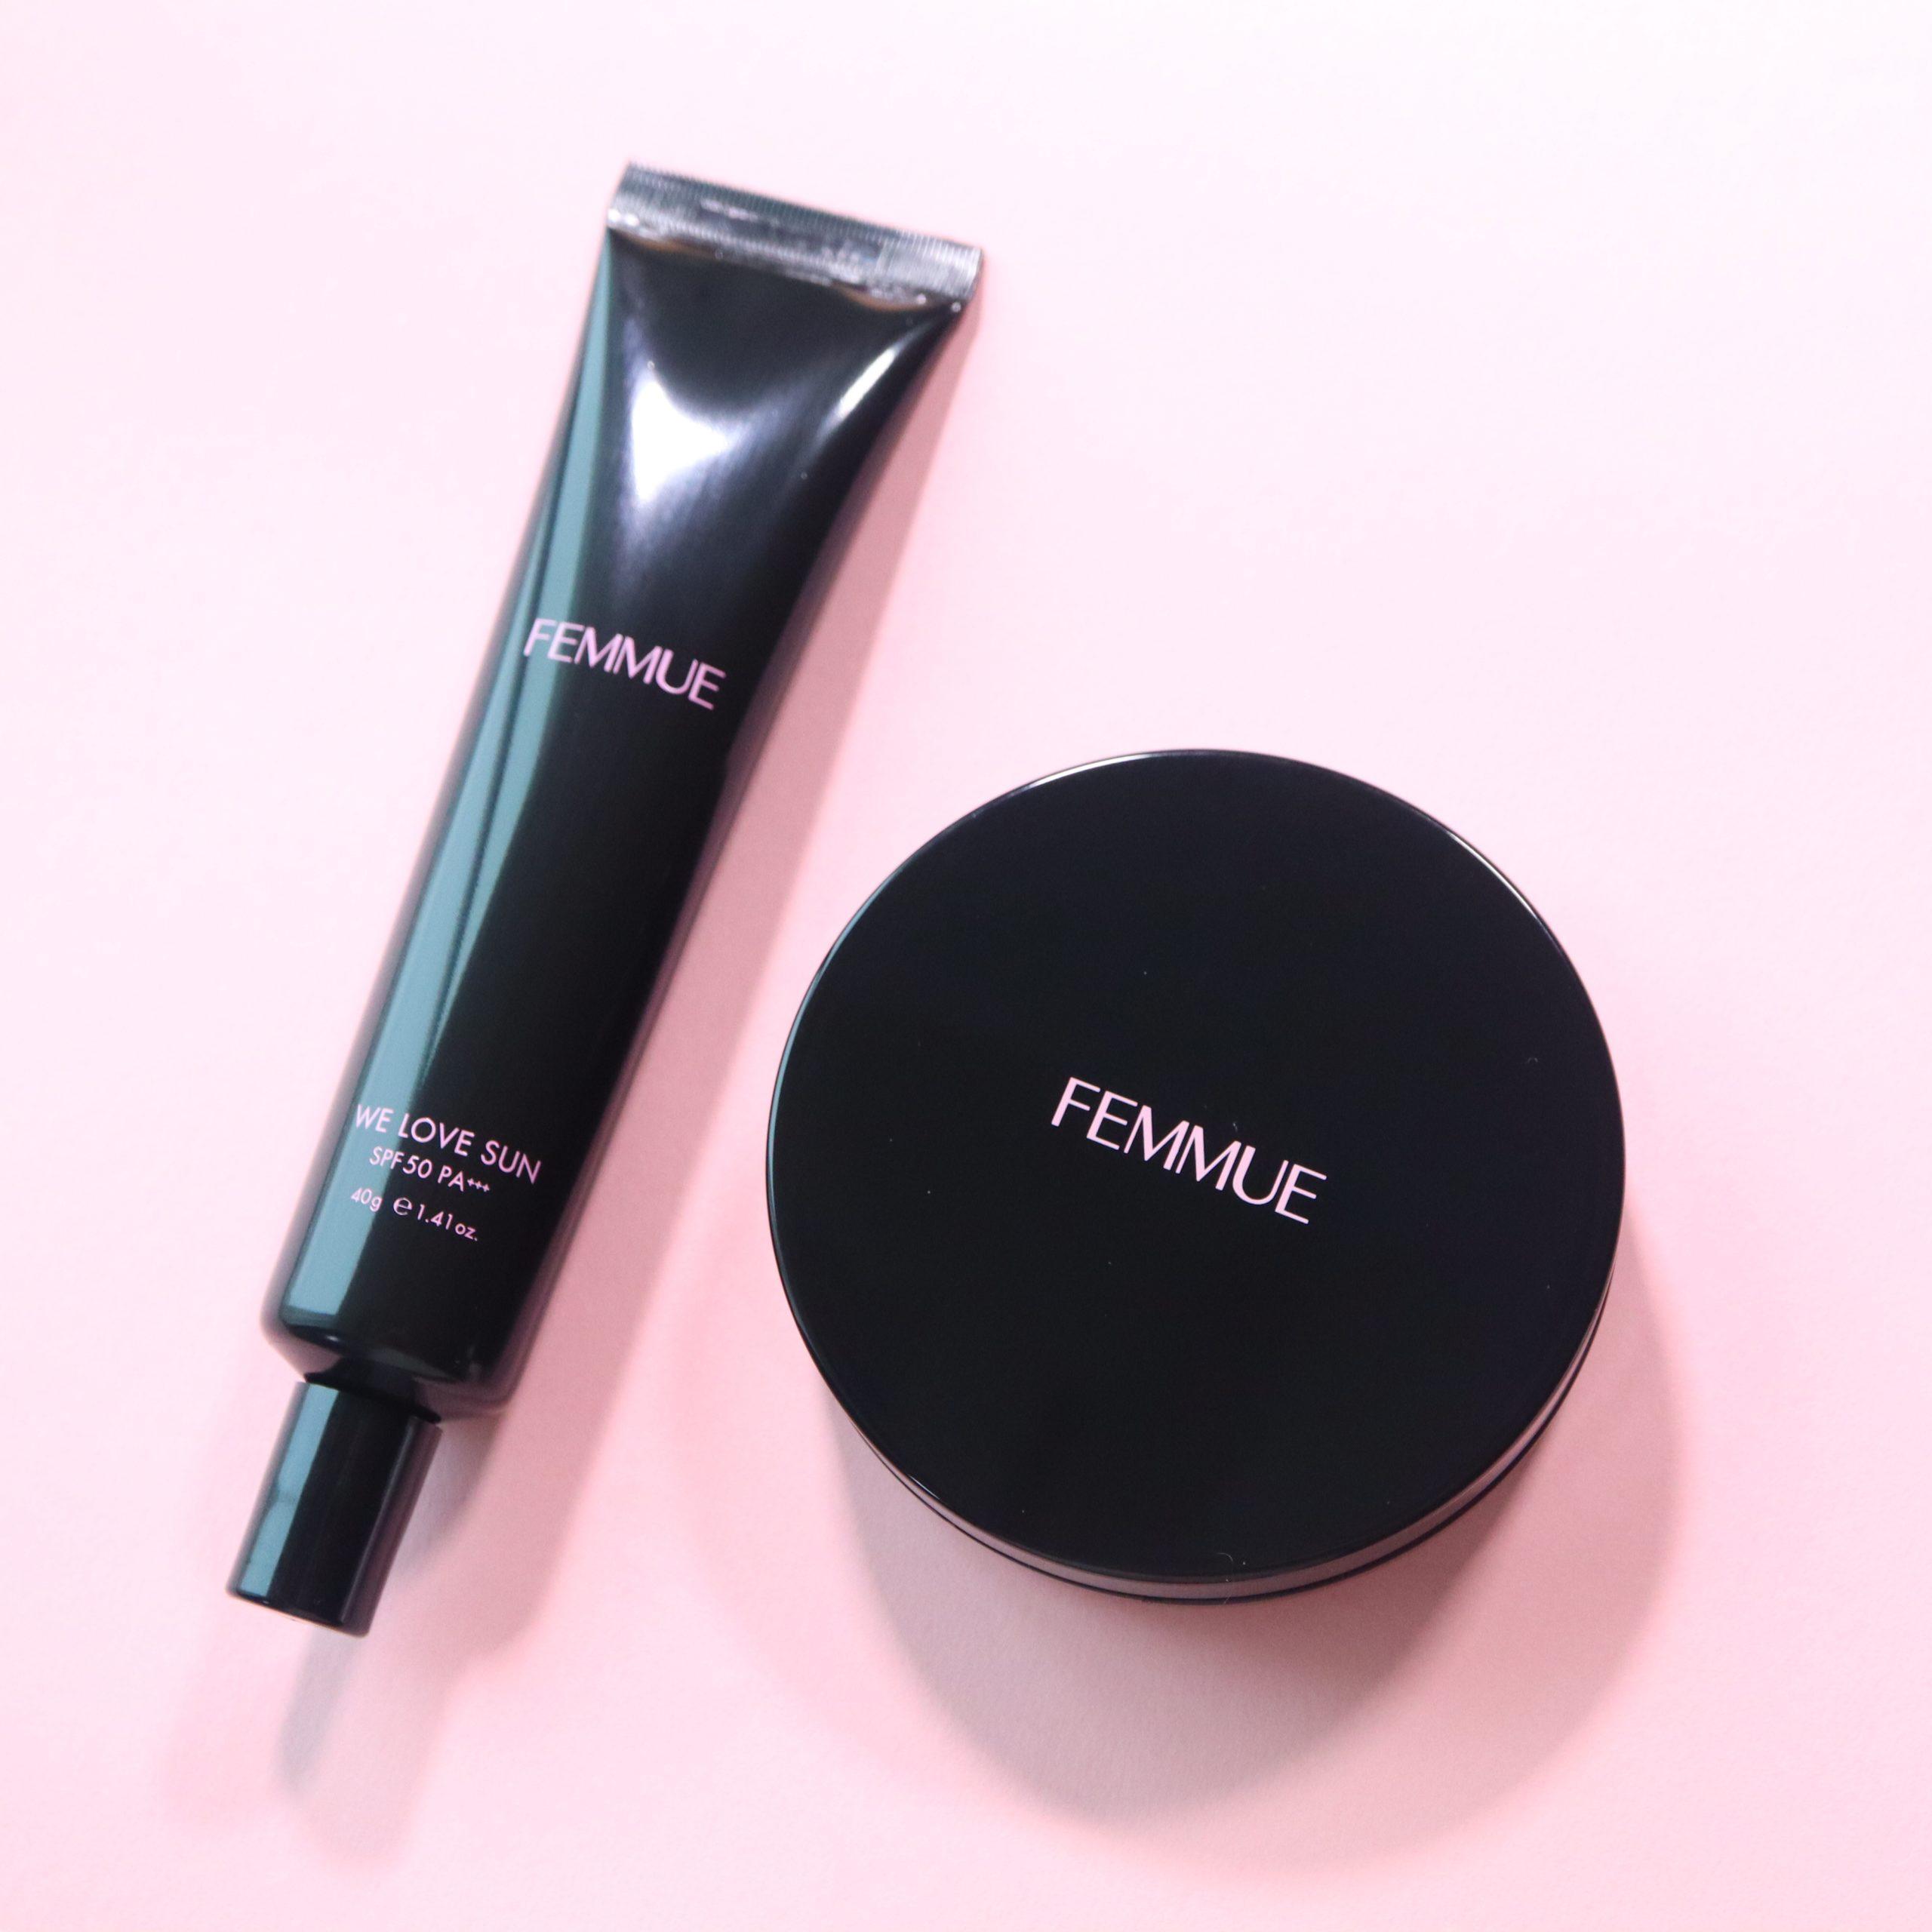 <2020年新作>FEMMUE(ファミュ)のトーンアップUVクリームとクッションファンデでナチュラルツヤ肌